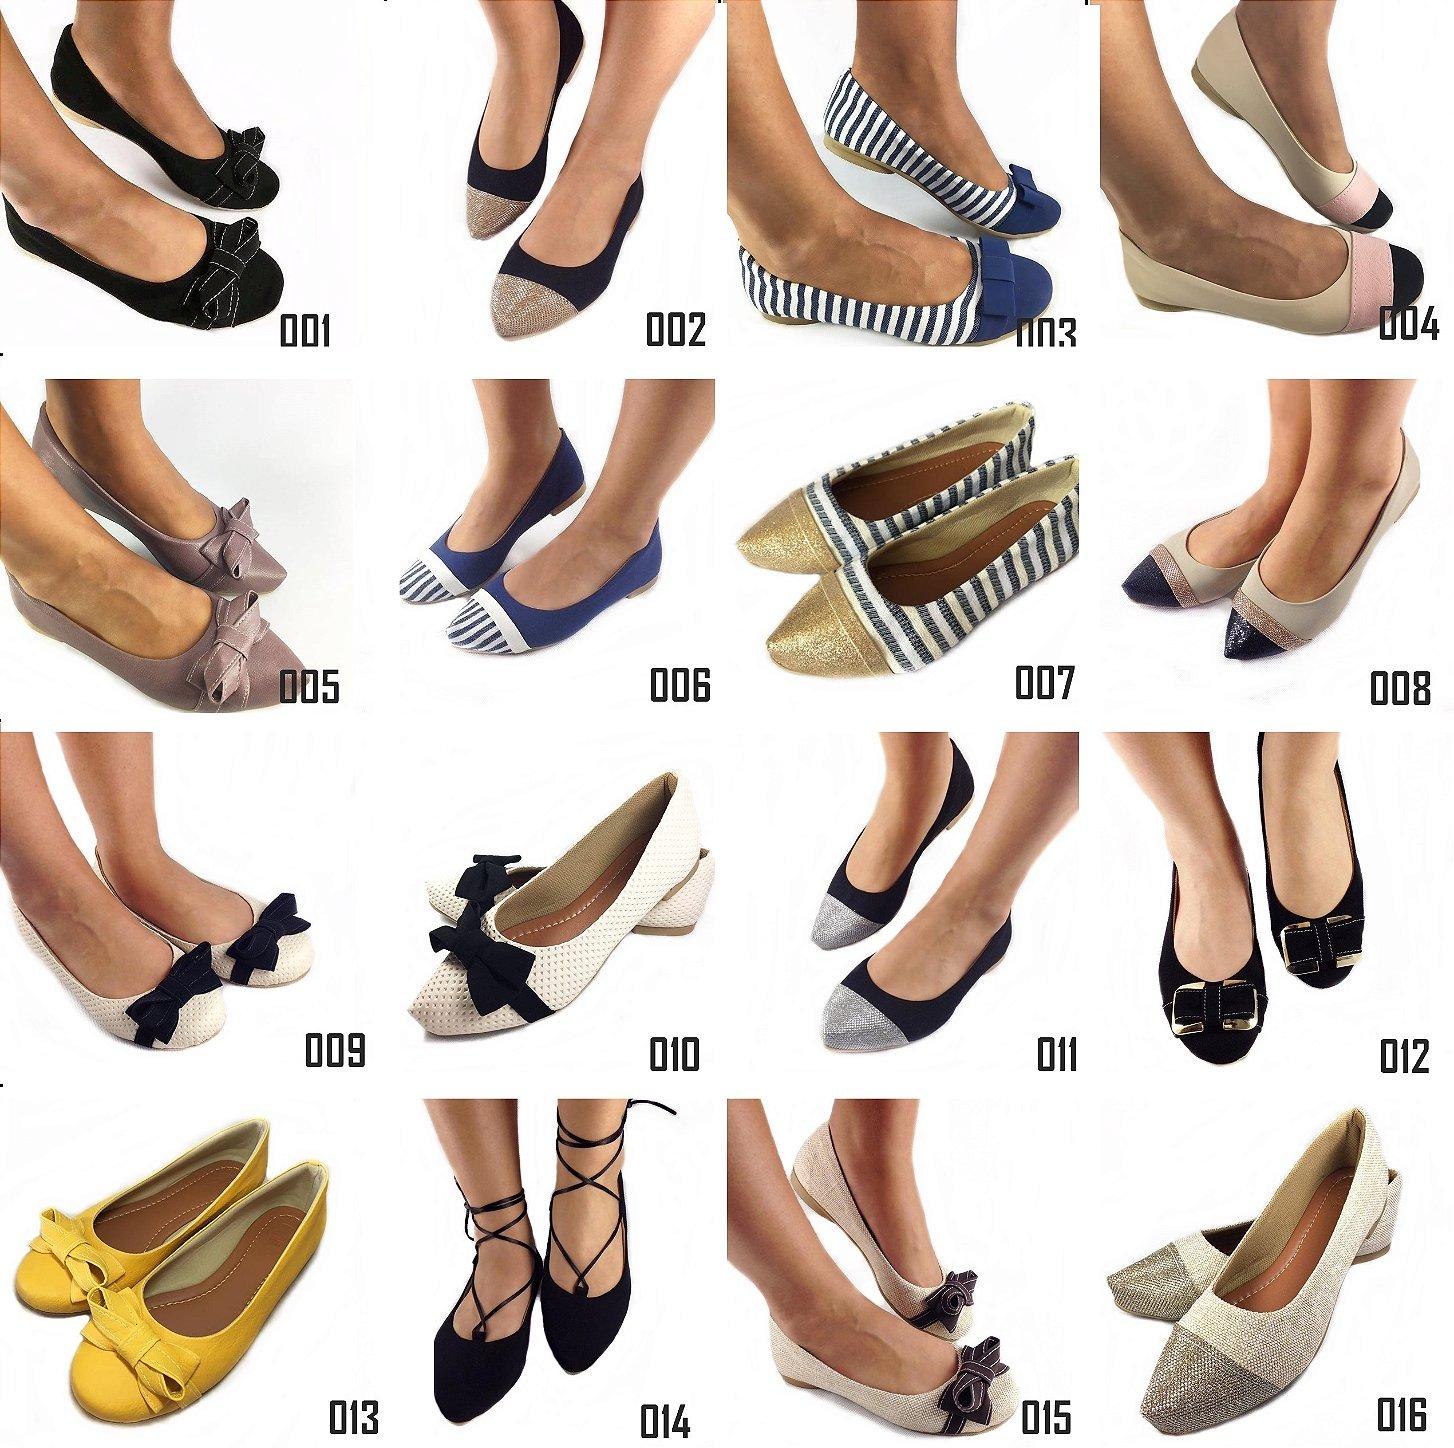 8c97a8bec Sapatilhas Bico Redondo e Bico Fino Atacado e Varejo - Número das  Referências - Tamanho Especial. sapatilha sapatilha preta calçados femininos  ...